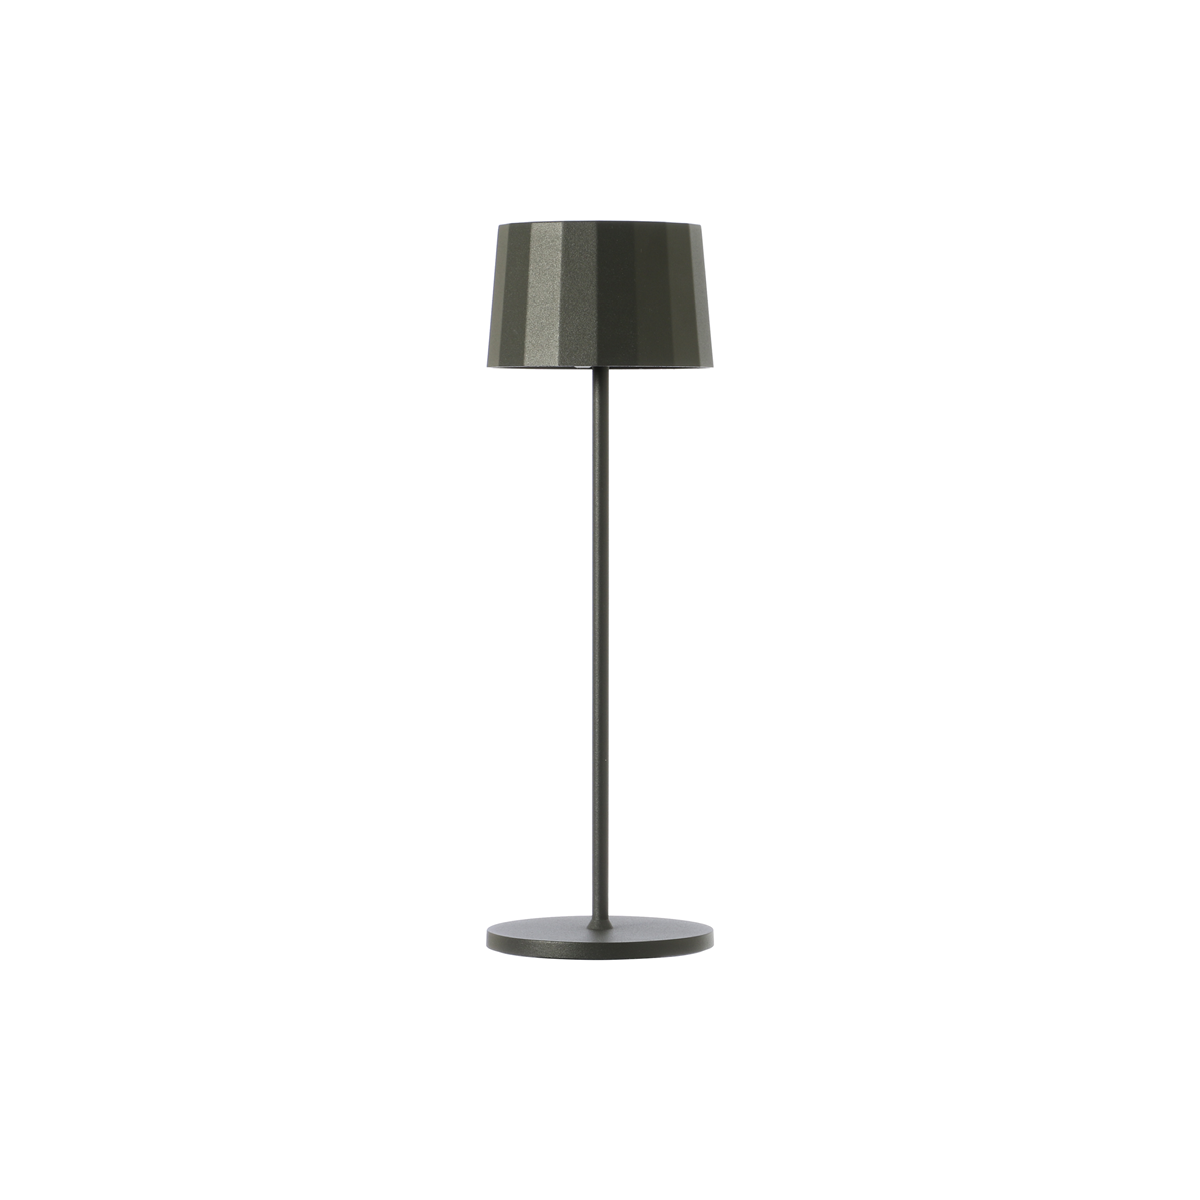 Lampada da tavolo color antracite. Ricaricabile tramite micro USB, dimmerabile e resistente ad acqua e polvere d. 11 cm h. 35 cm